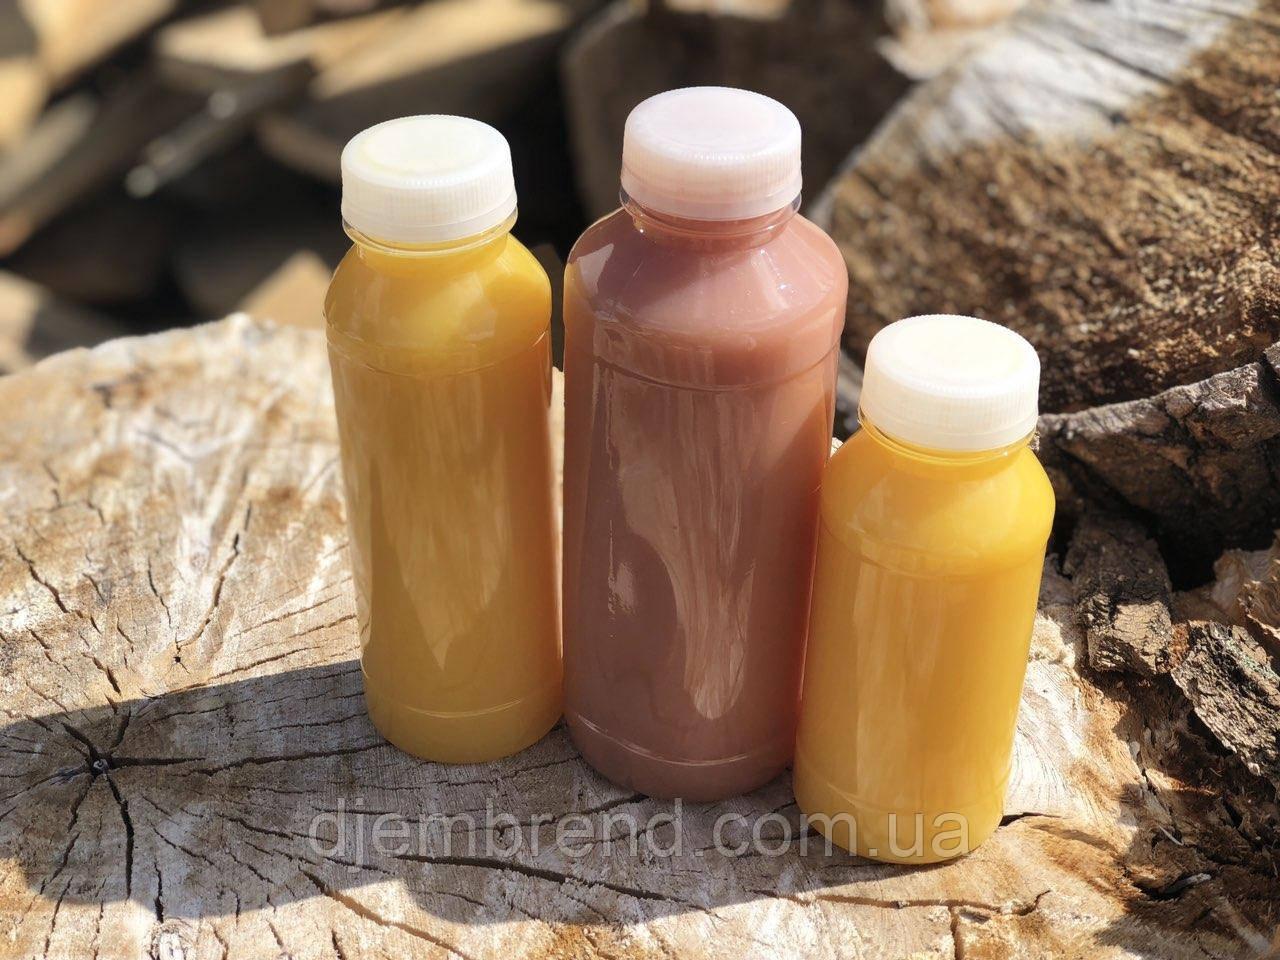 Бутылка пластиковая под соки, смузи и фрешы 250 мл. Доставка по Киеву от 50 штук в упаковке.